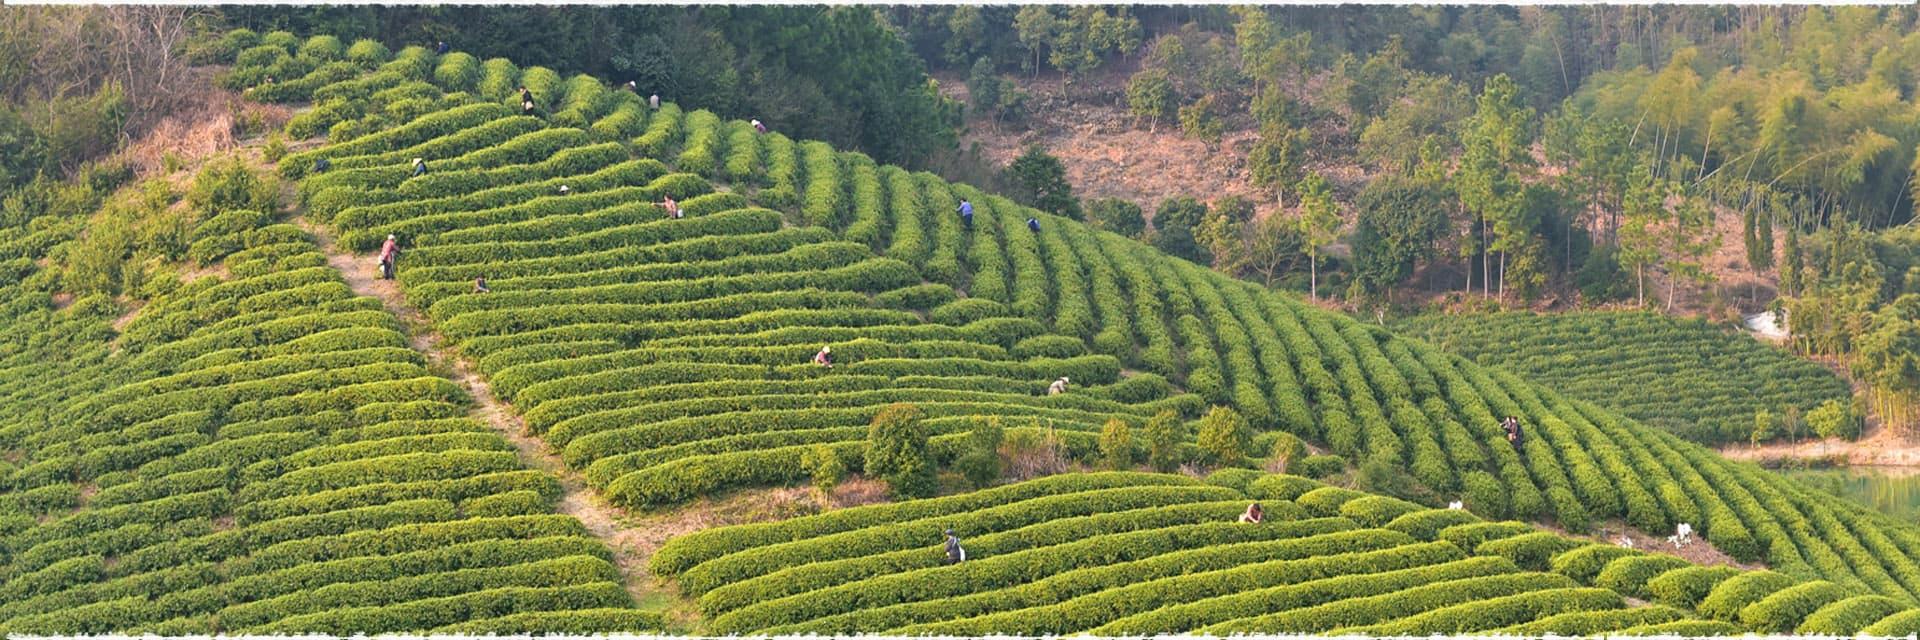 La production de thé noir en Malaisie dans les Cameron Highlands.